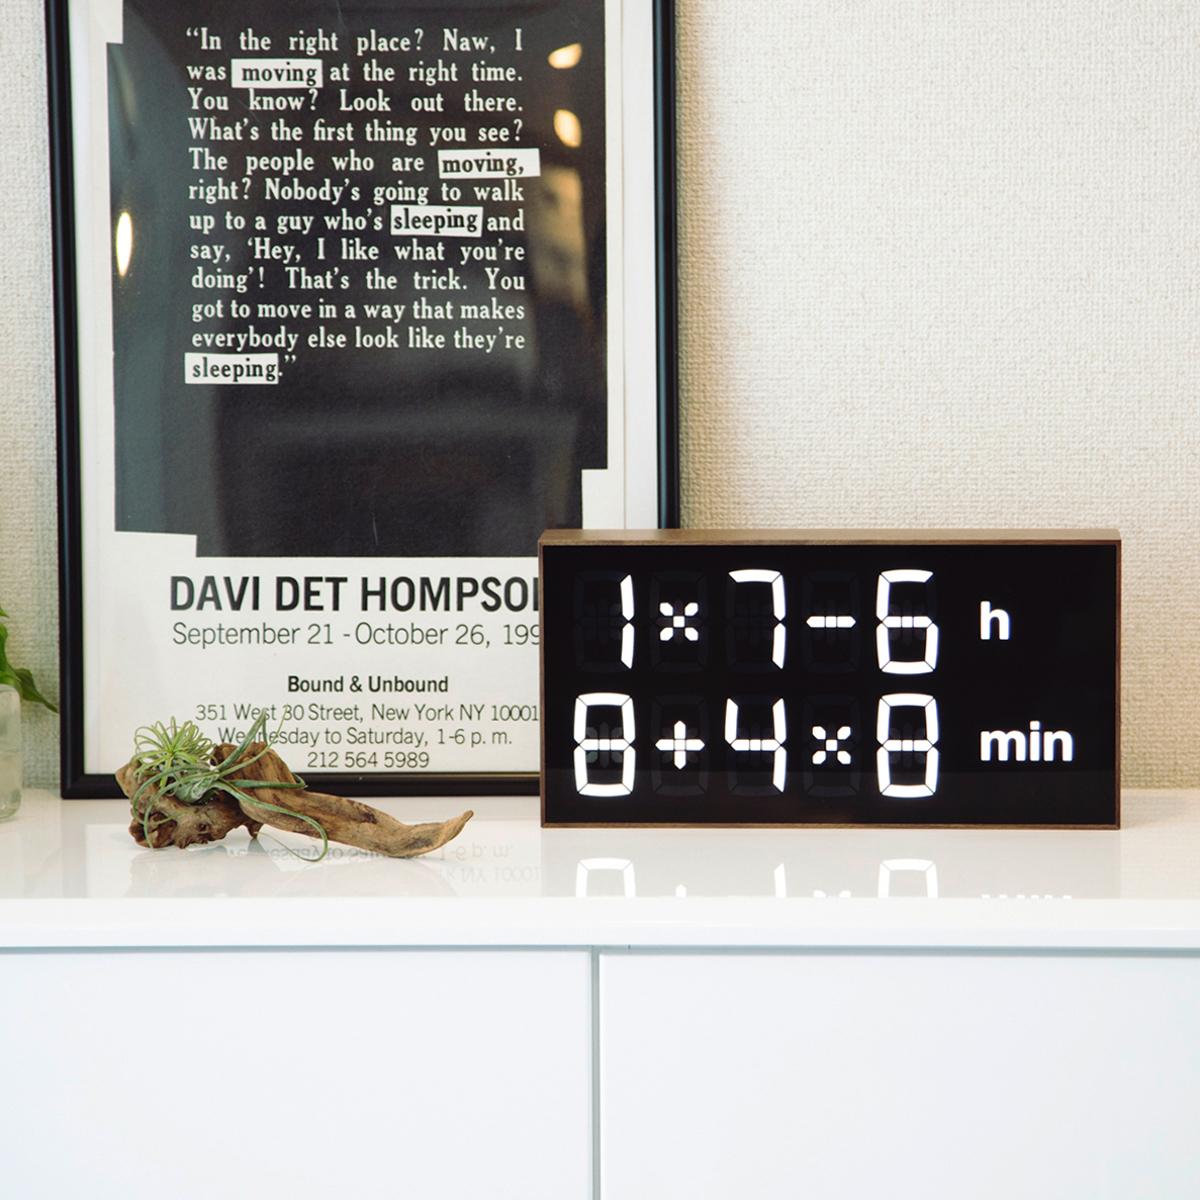 『4+2×7h:62-4min』、いま何時?(笑) 《ウォルナット》インテリアに遊び心を!ゲーム感覚で数式を解いて、時刻を割り出す「デジタル時計」   Albert Clock 2